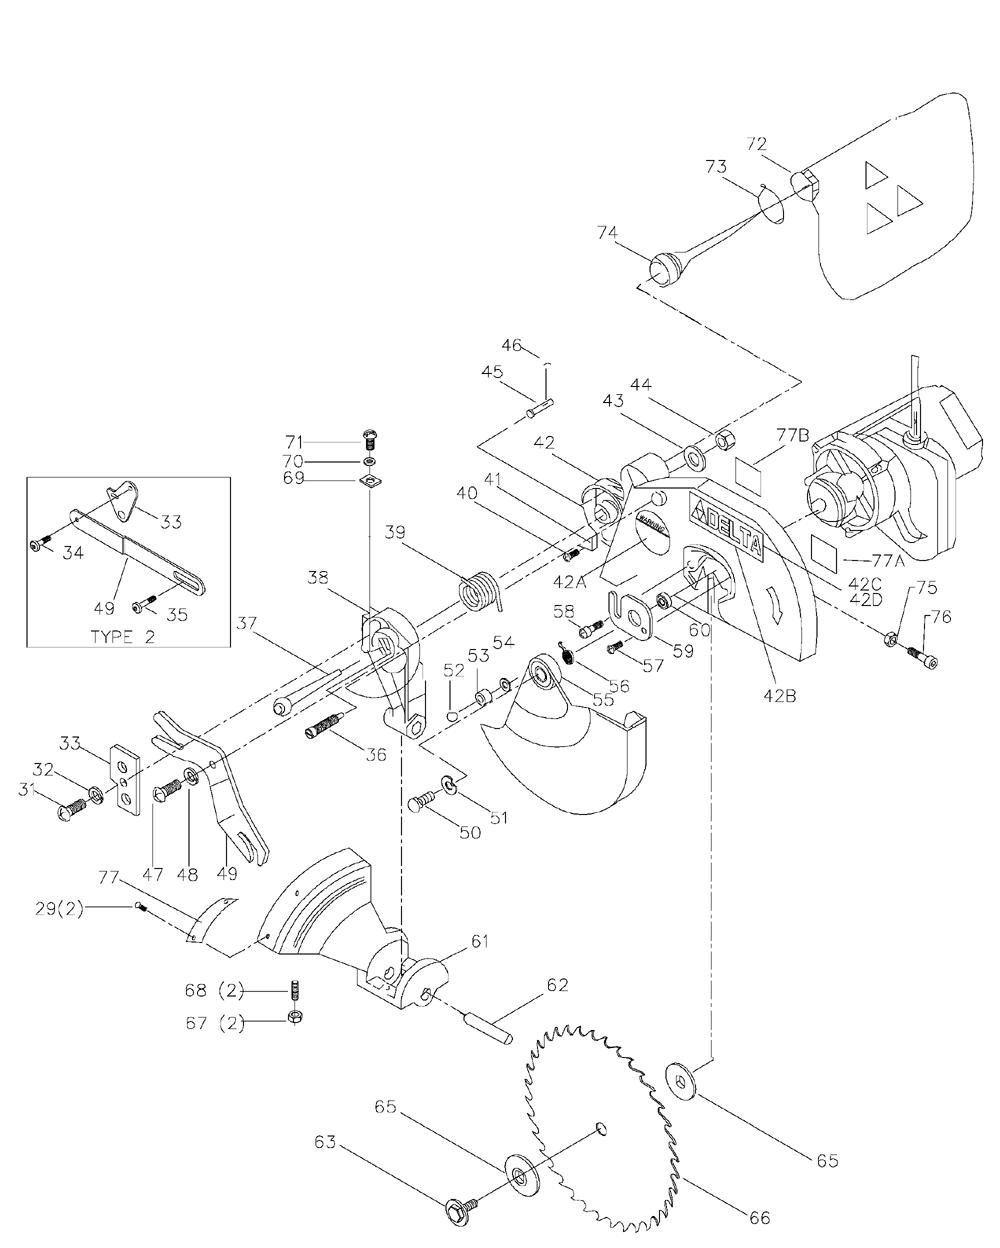 36-040-Delta-T1-PB-1Break Down